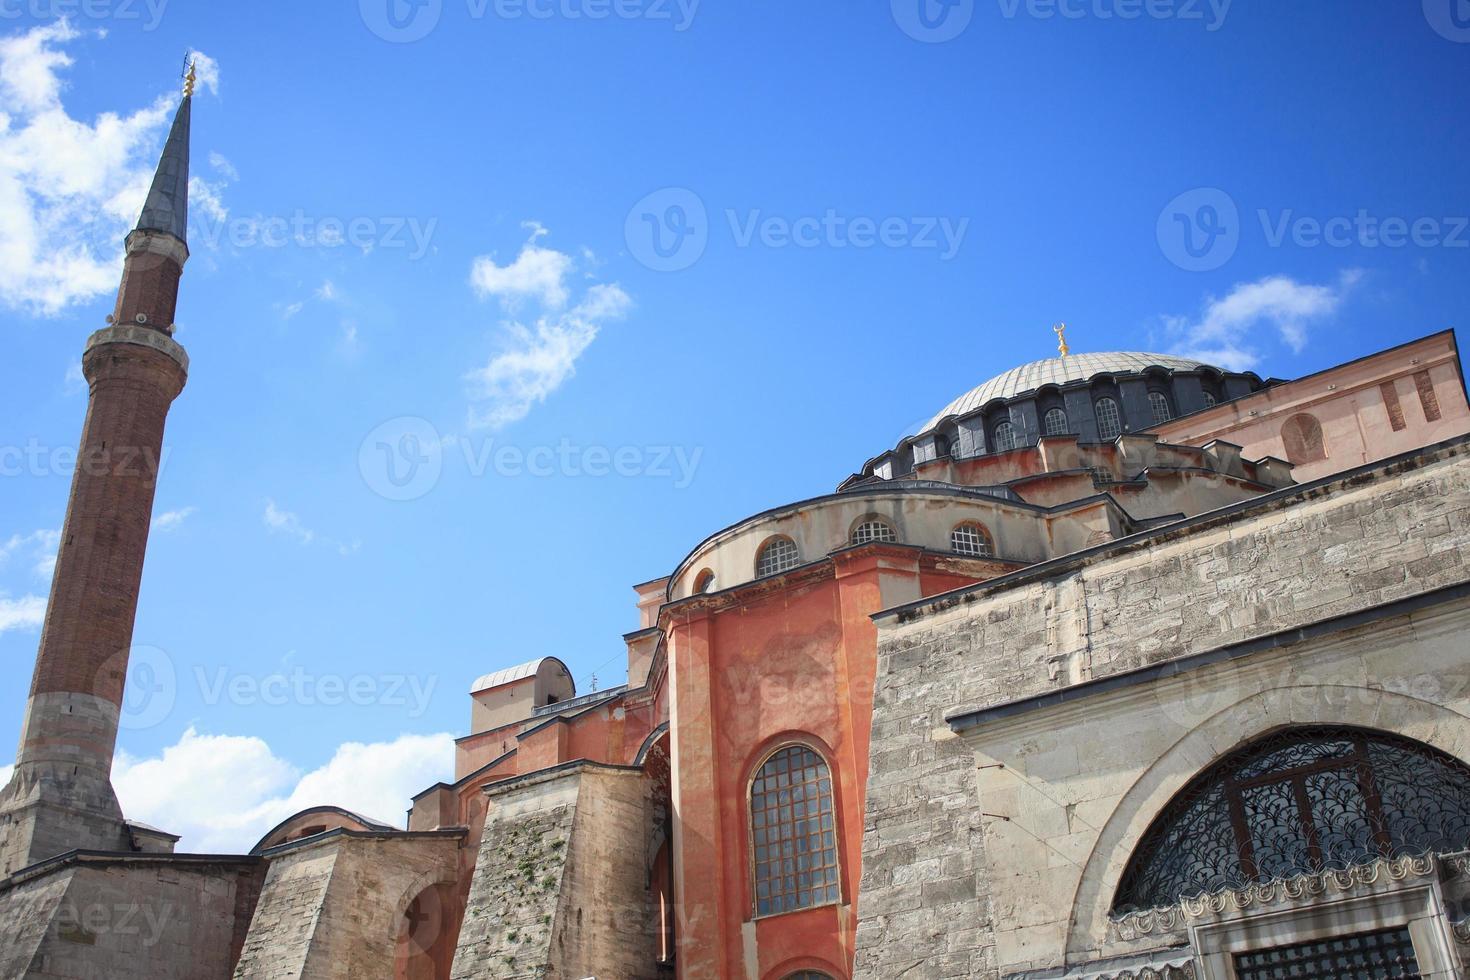 hagia sophia minarete, istambul, turquia foto